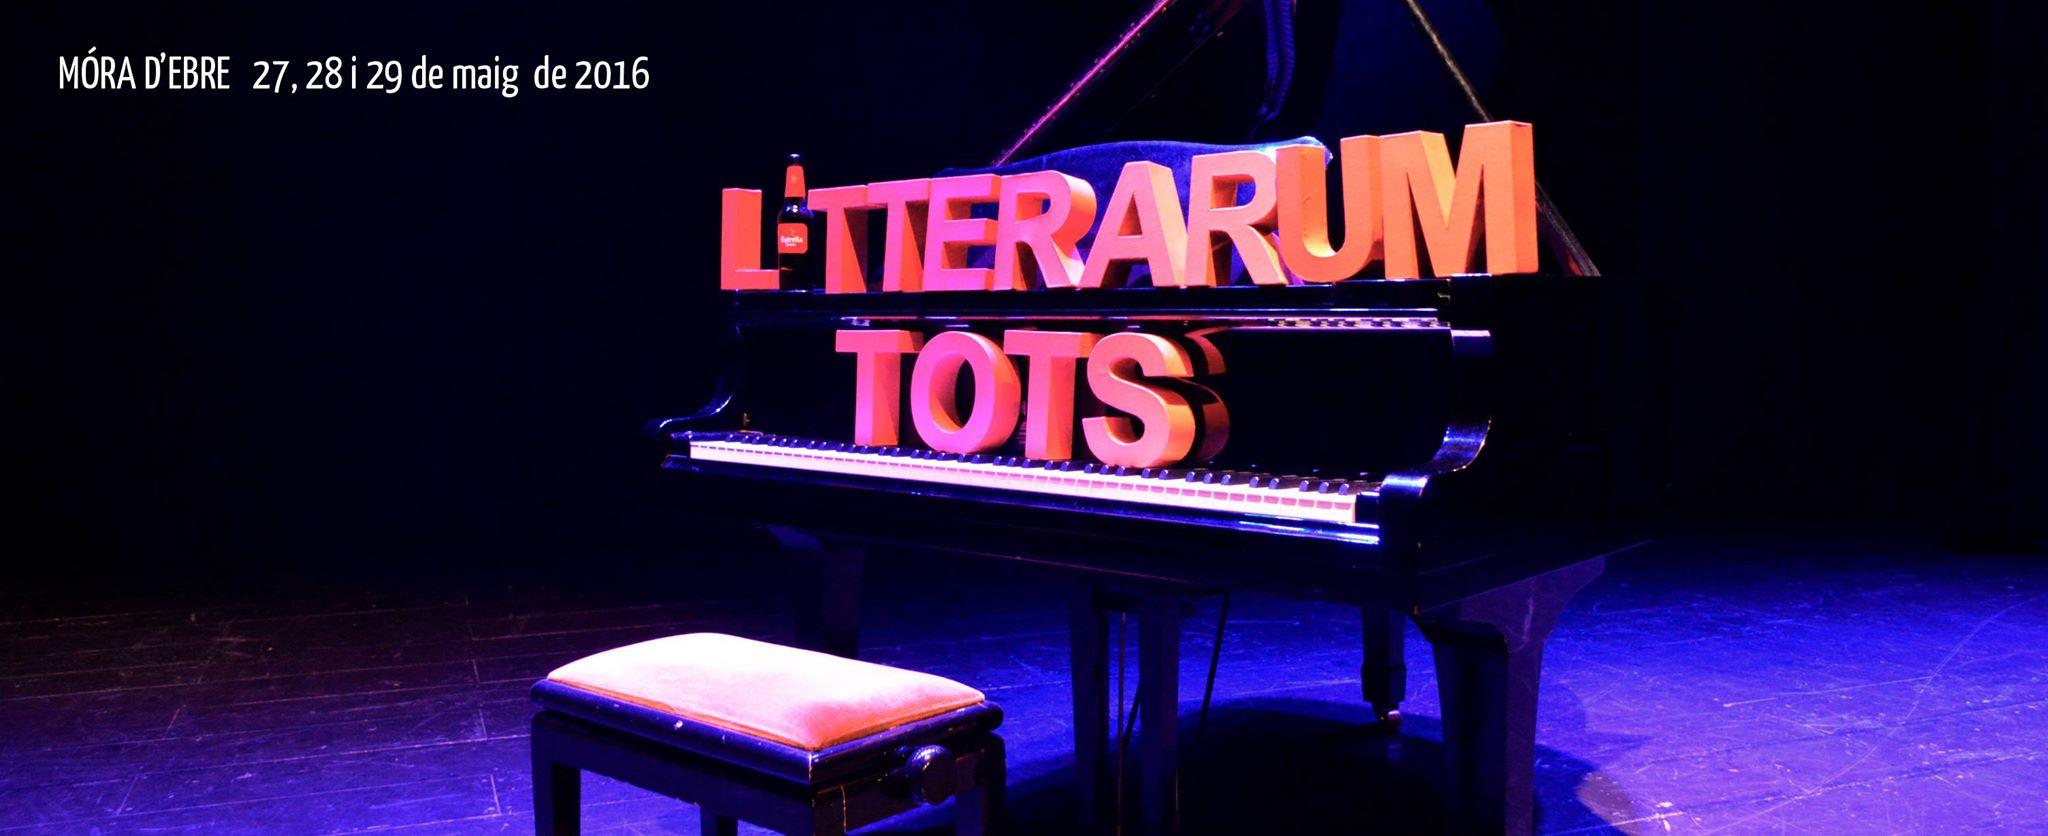 litterarum